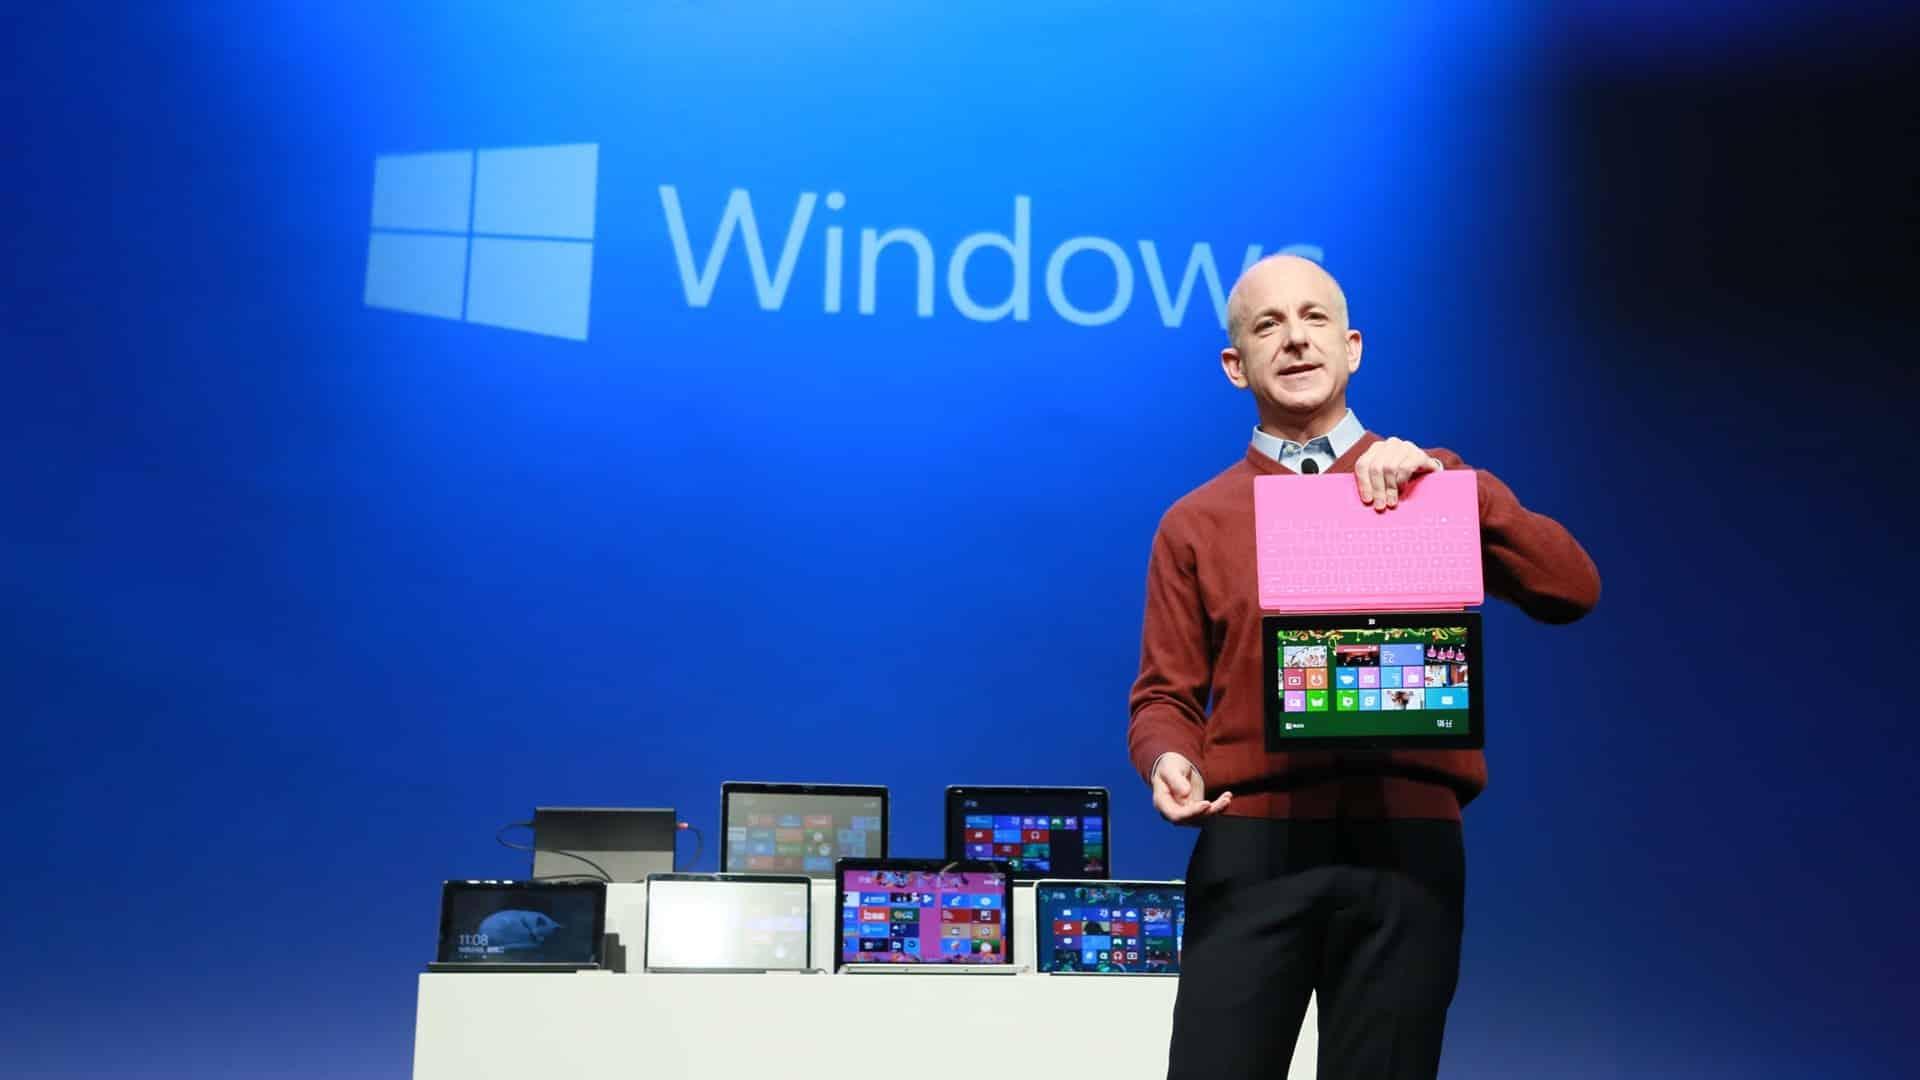 apple ipad windows tablet